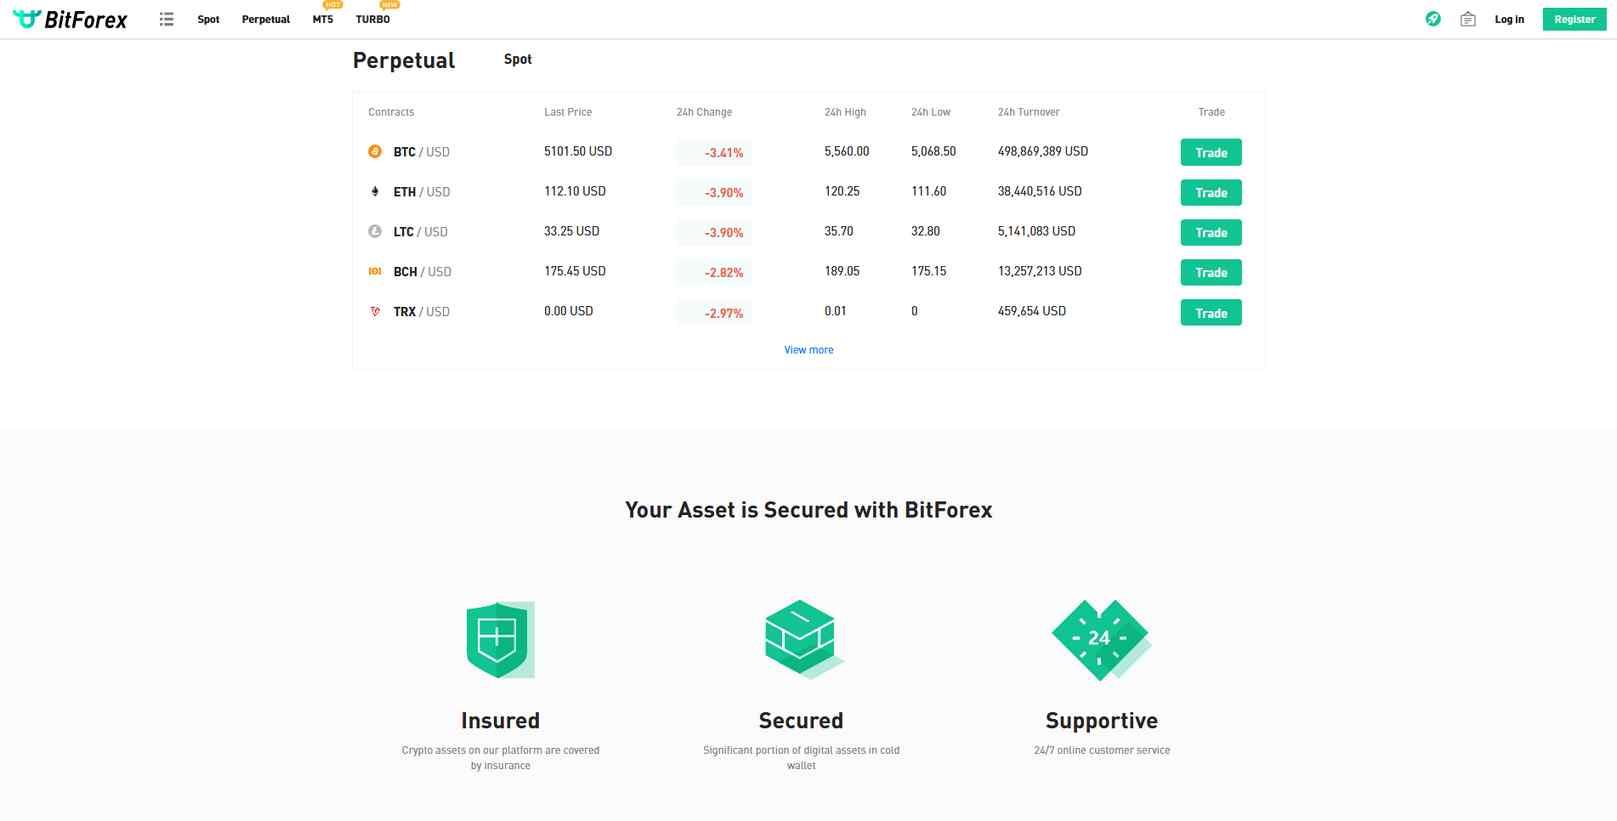 Обзор и отзывы трейдеров о площадке для торговли криптовалютой BitForex